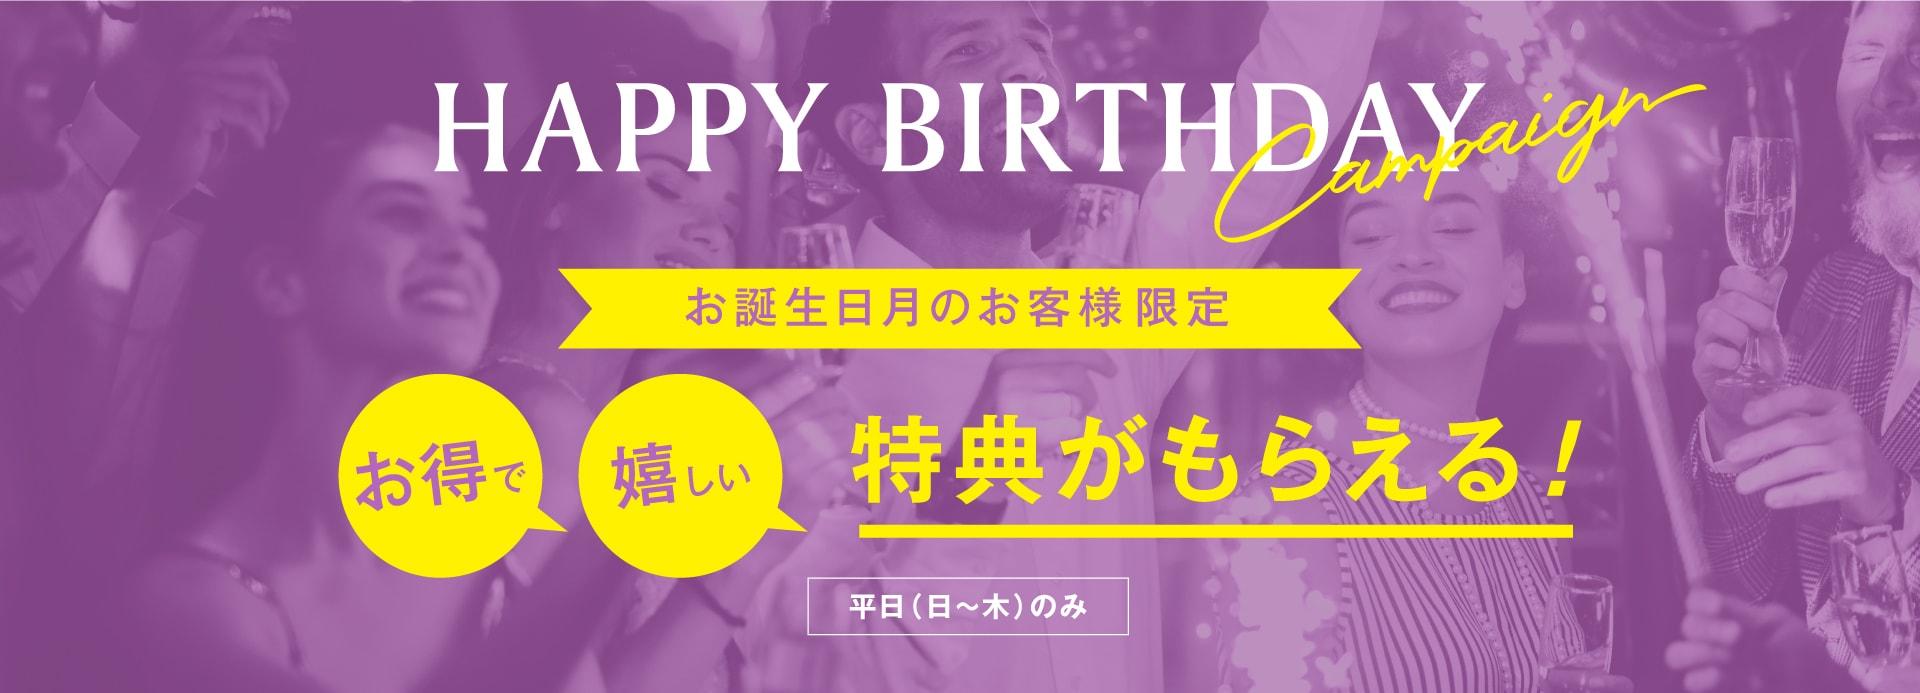 お誕生日月はCLUB SANGOへ!誕生日月にご来店いただくと、お得で嬉しいキャンペーンを実施中!